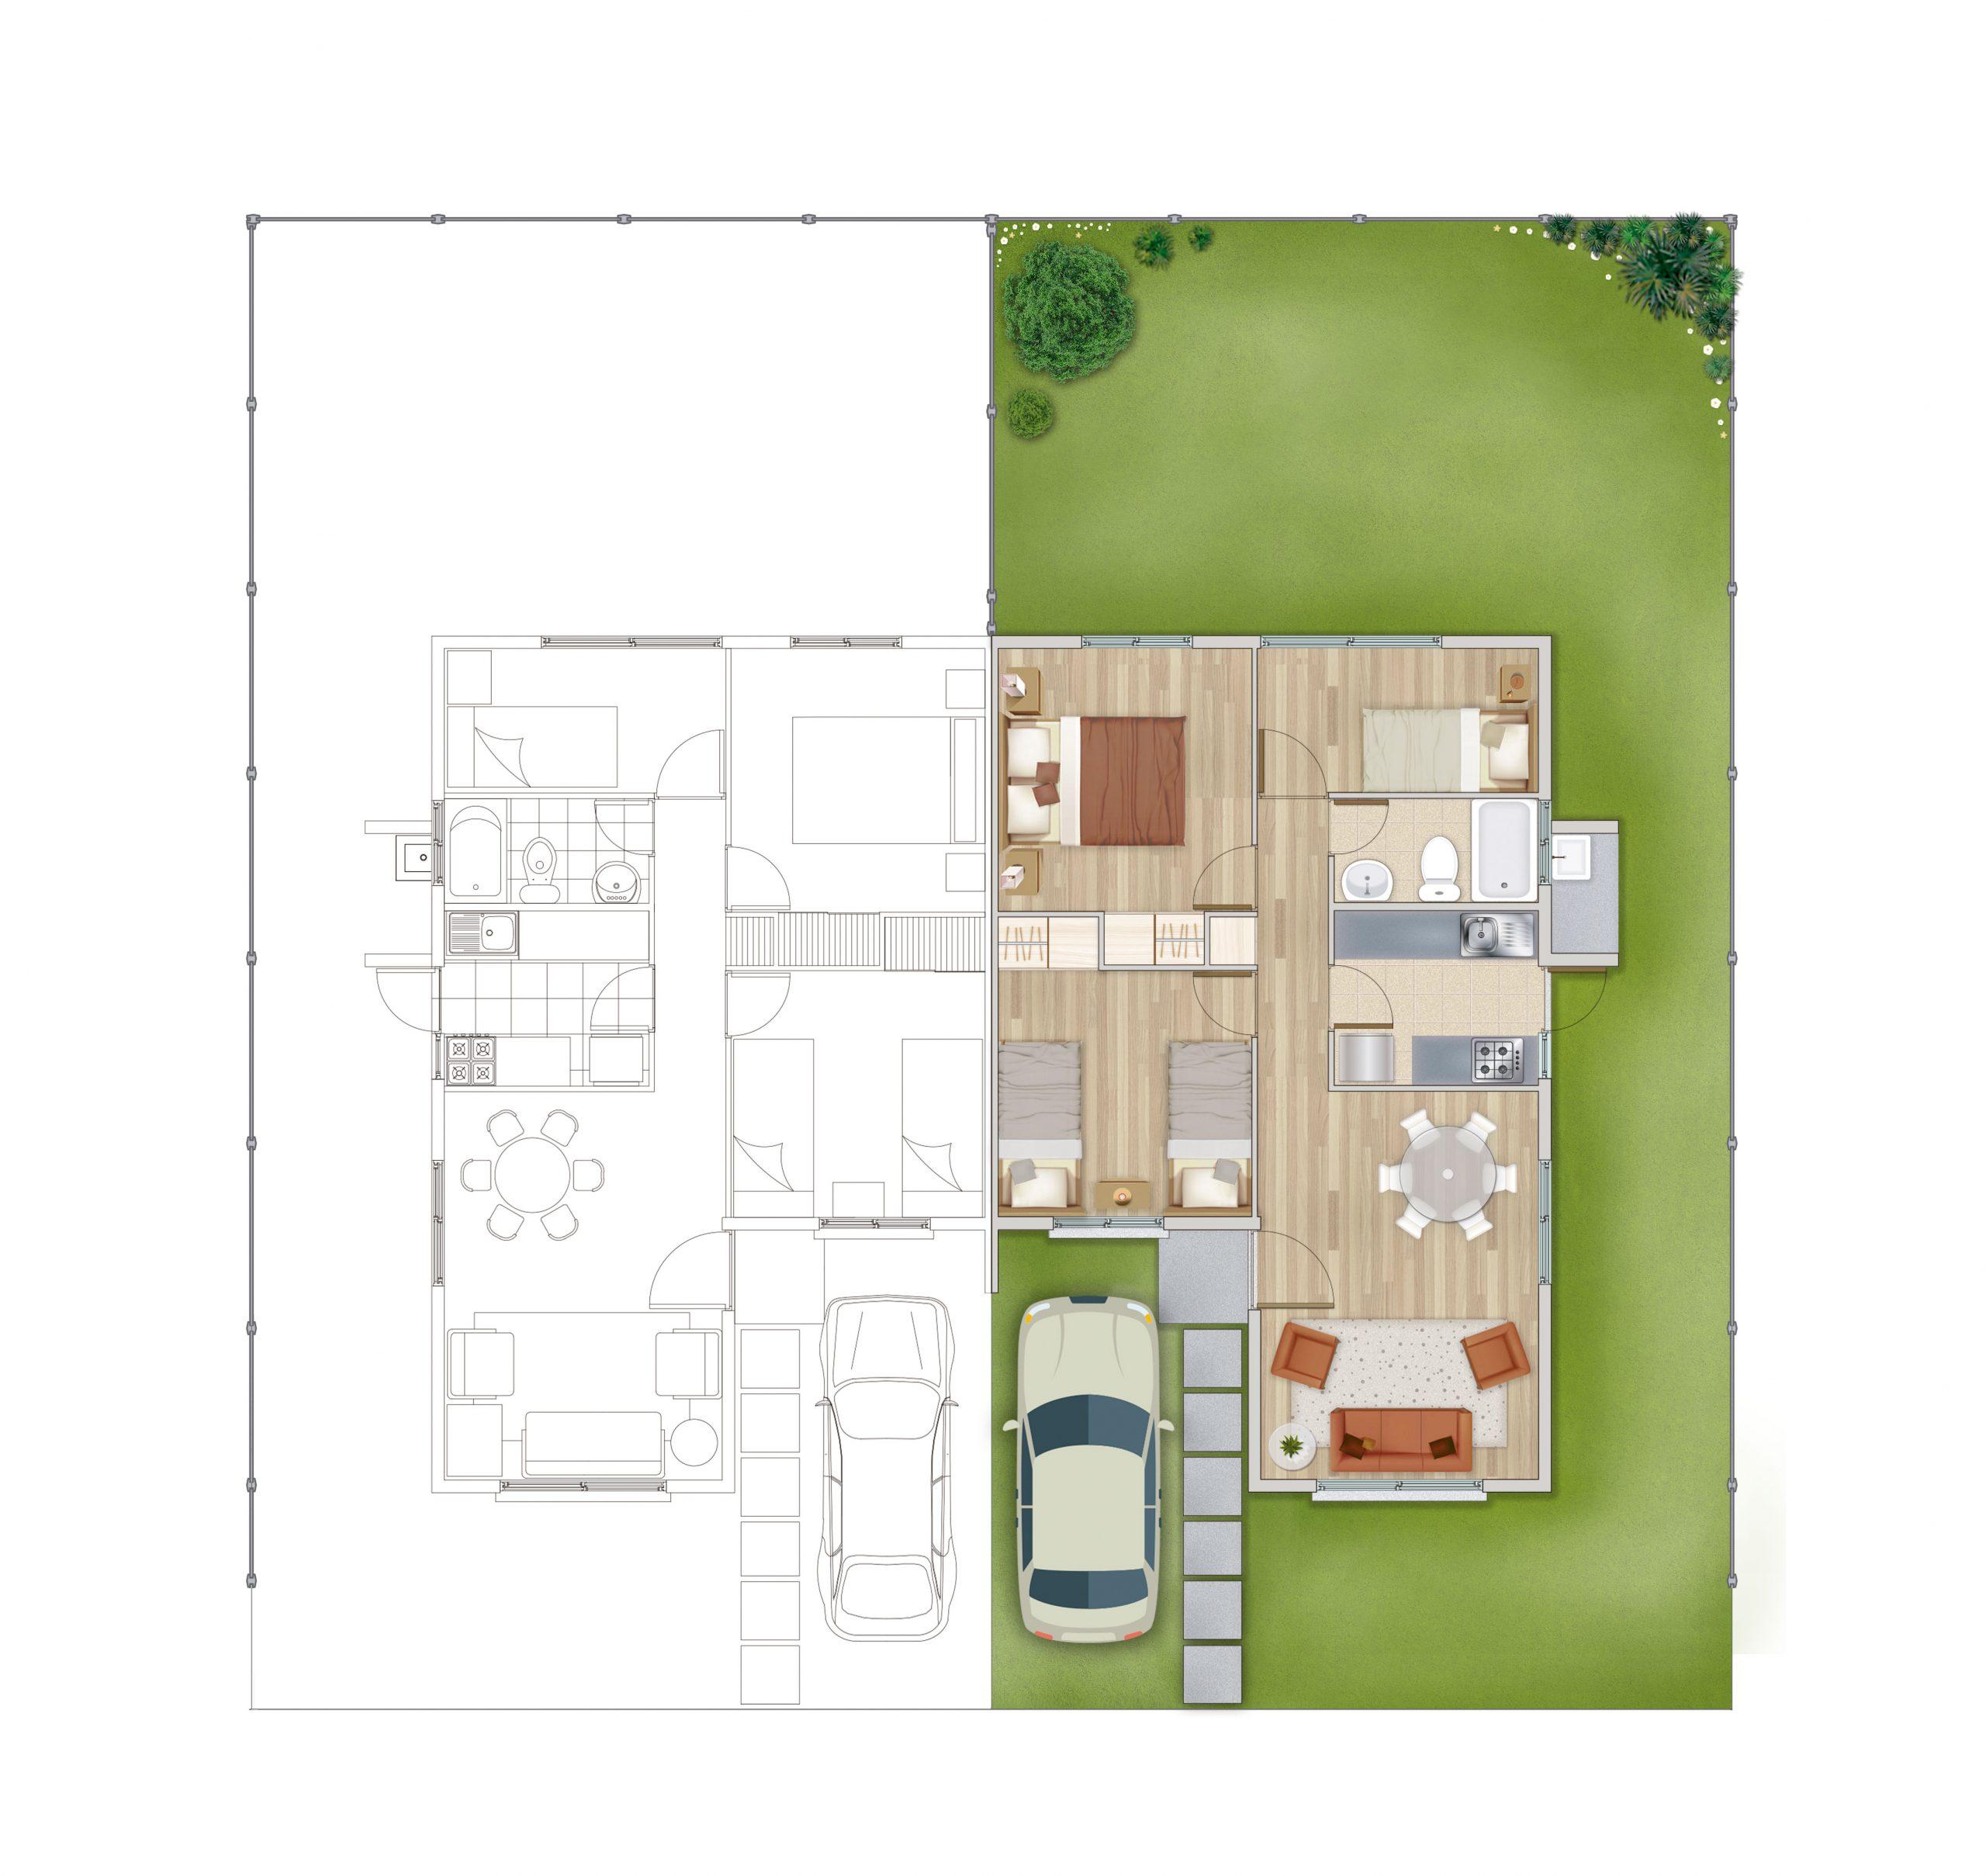 casas modelo almendro portal san ramón